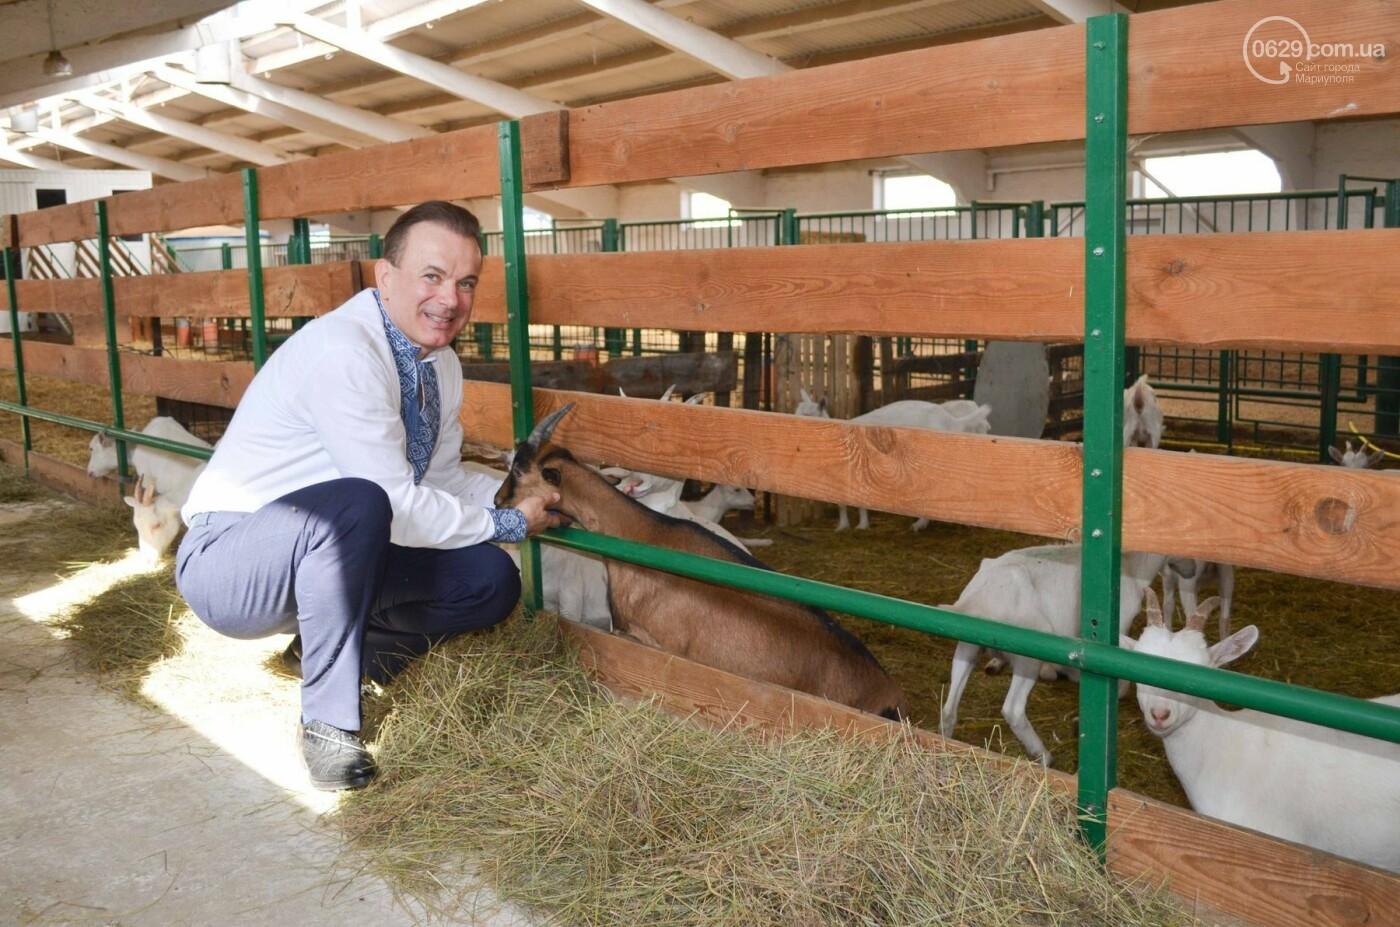 Юрий Тернавский: «Мариупольский молокозавод может напоить молоком каждого жителя Мариуполя и Приазовья», фото-40